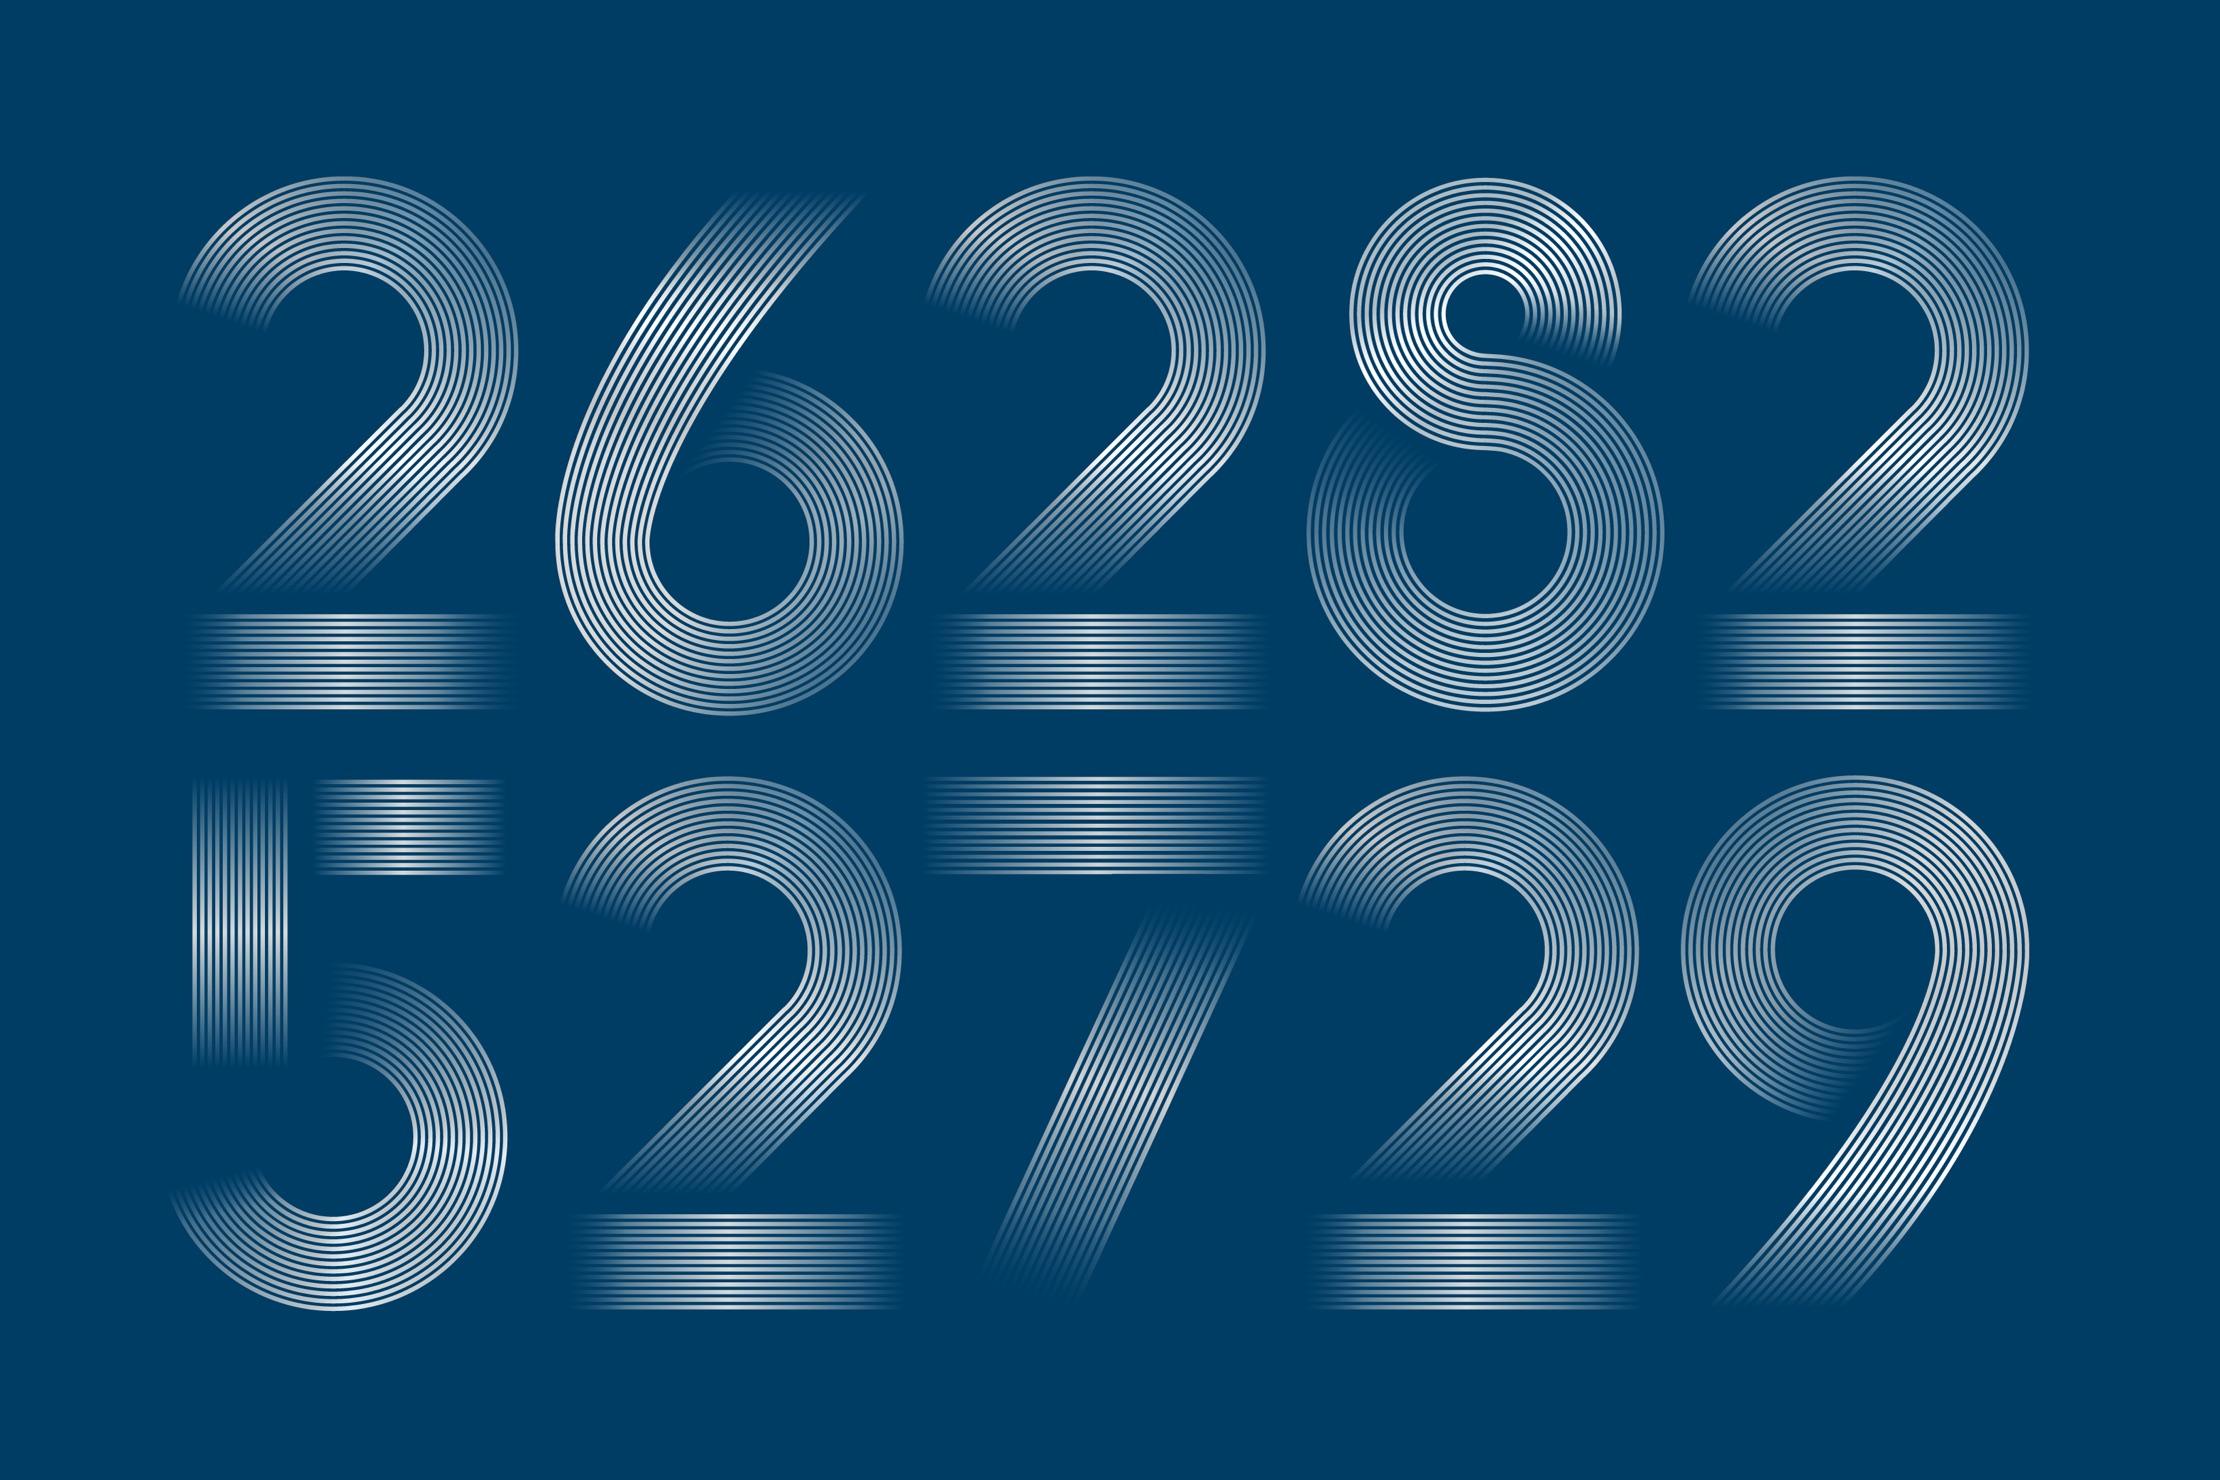 Finanzsymposium Key Visual mit inszenierten Zahlen